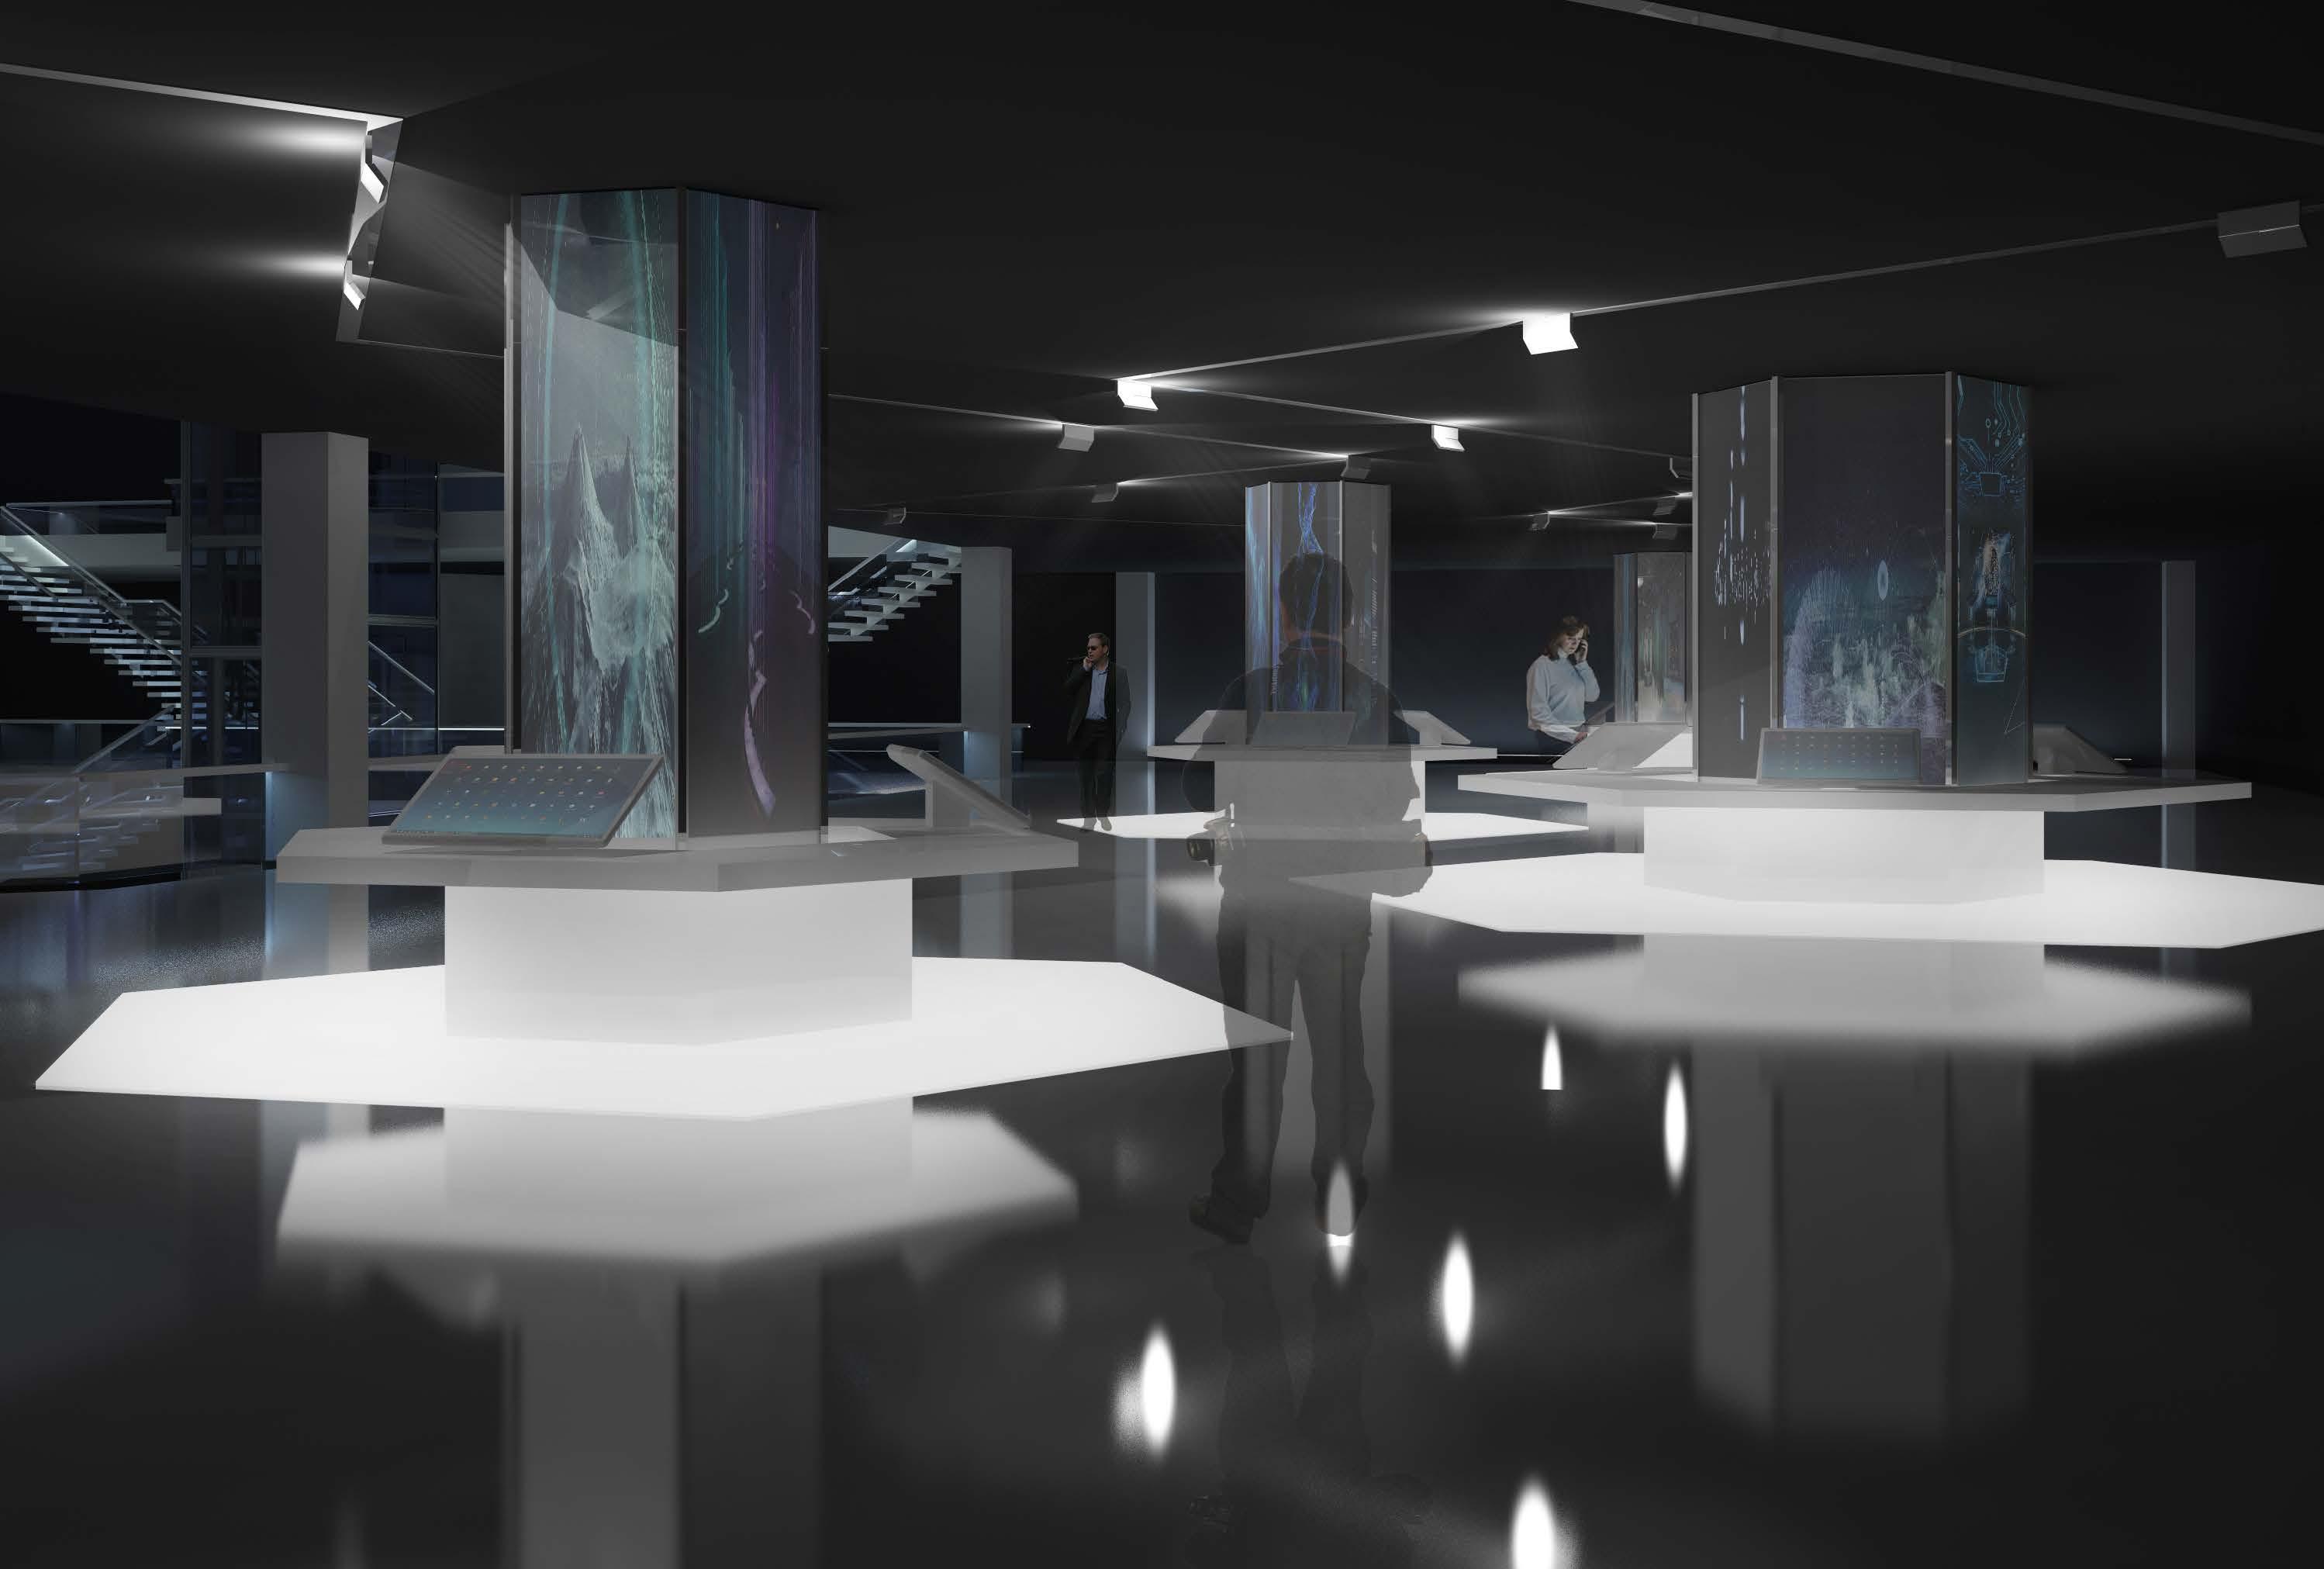 Работы студентов Номинация Лучший студенческий дизайн внутреннего освещения